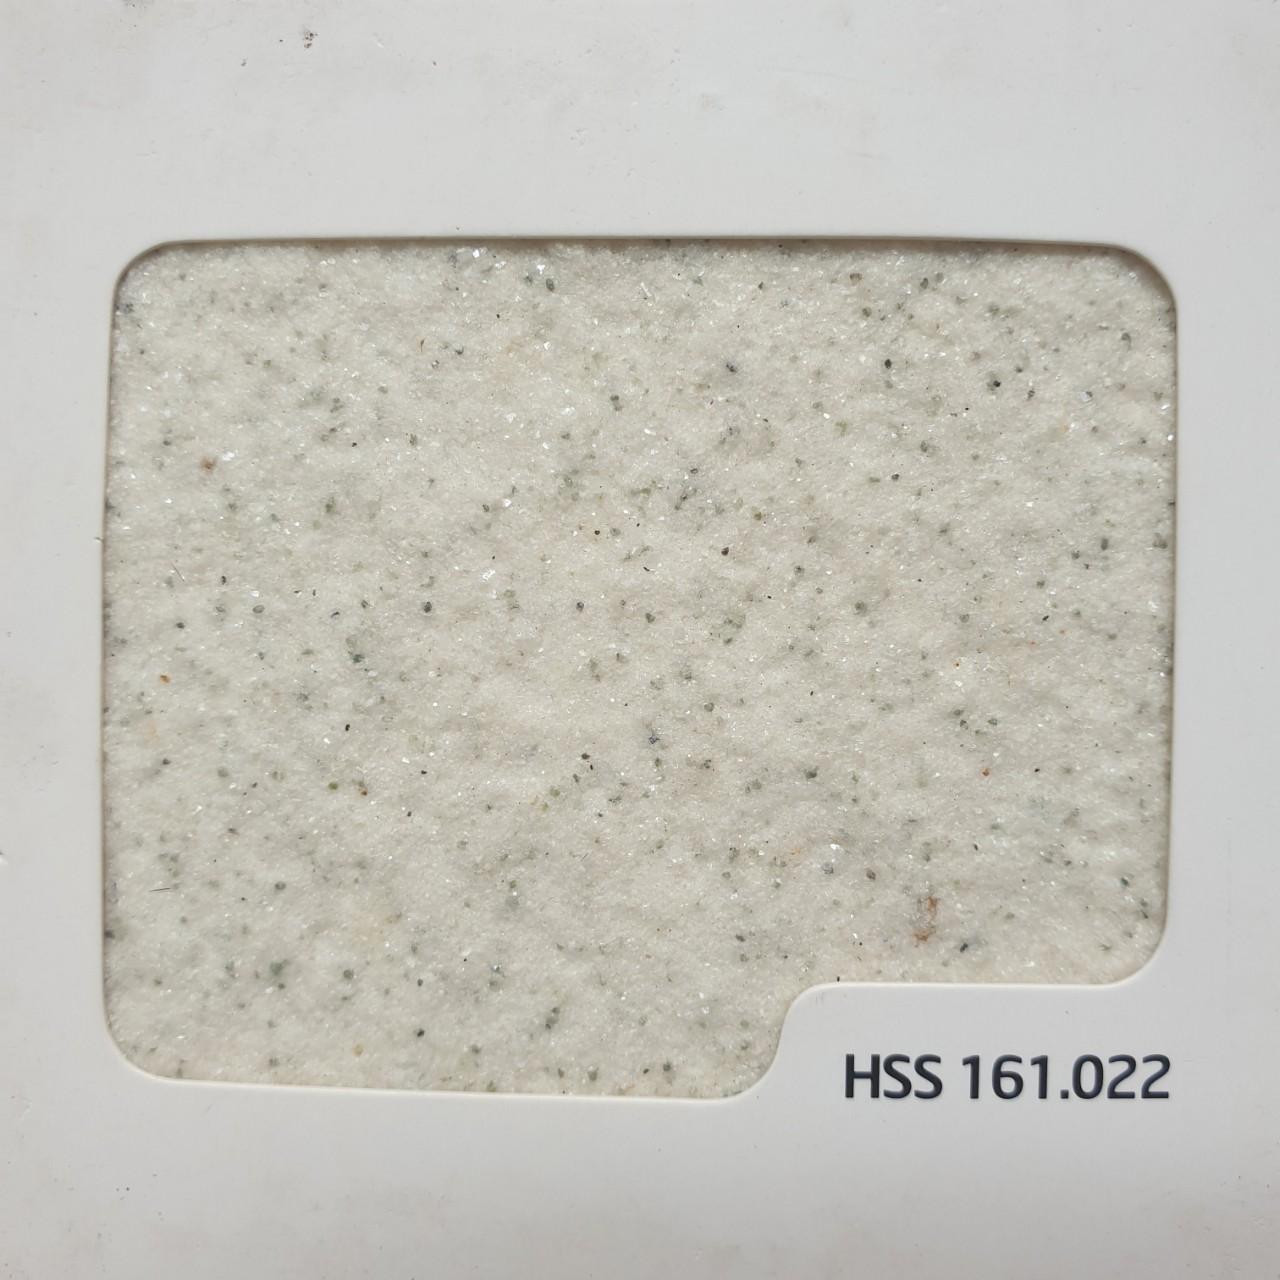 SƠN ĐA SẮC HGS 161.022